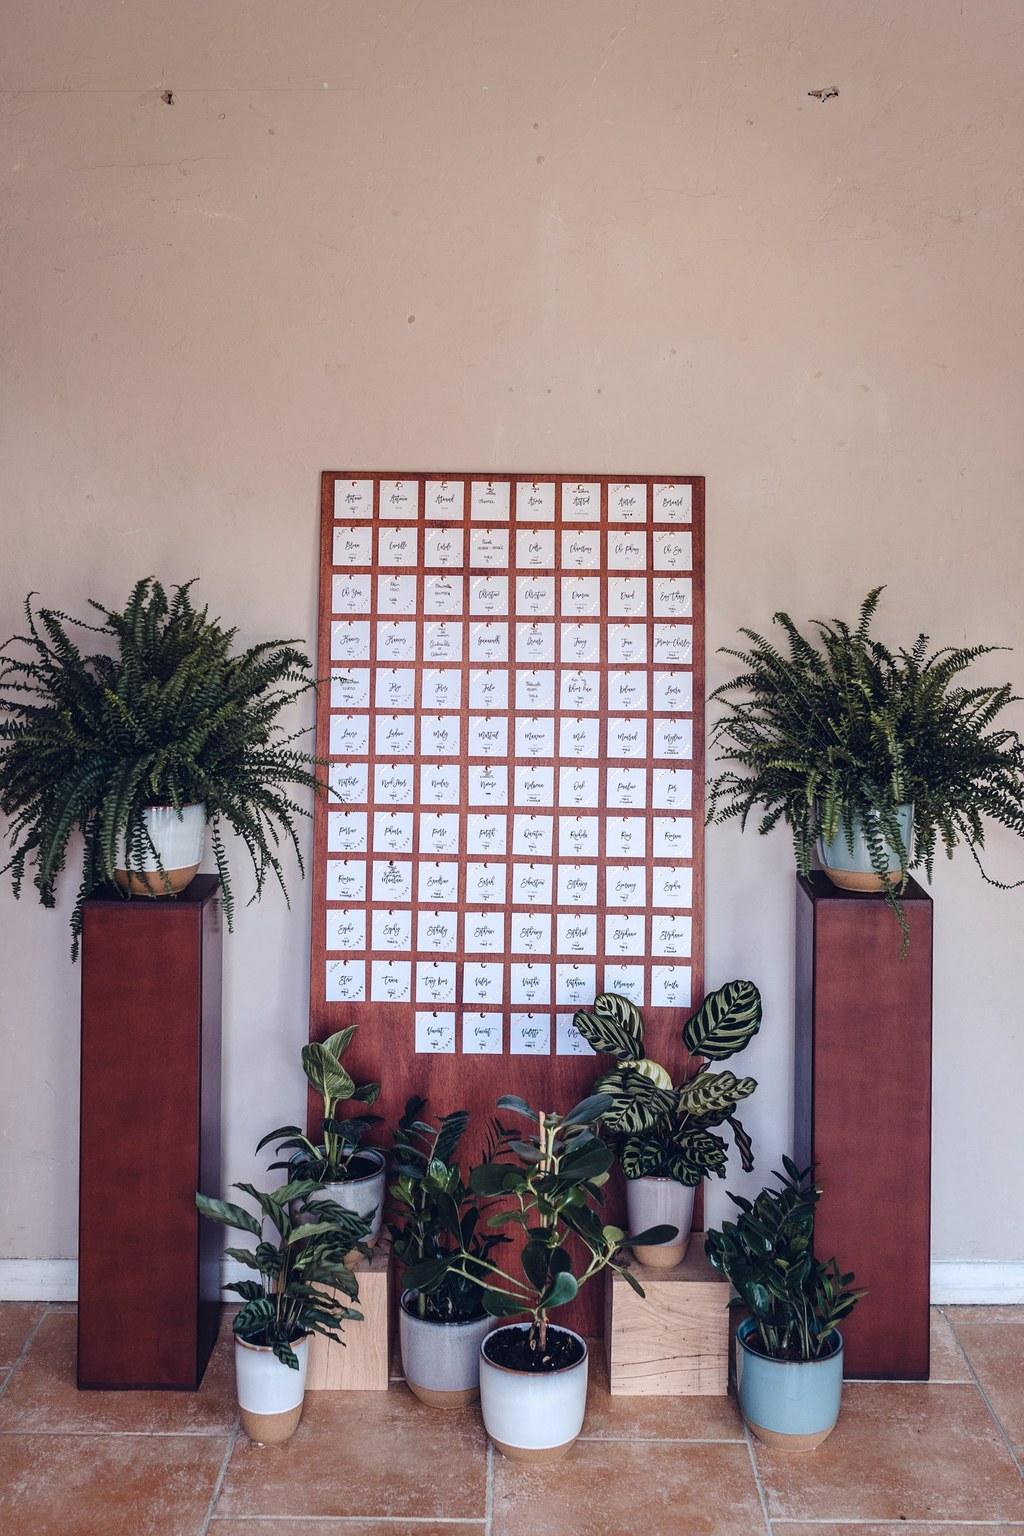 décoration mariage, mariage paris, plan de table, scénographie, décor mariage, plante, décoration mariage